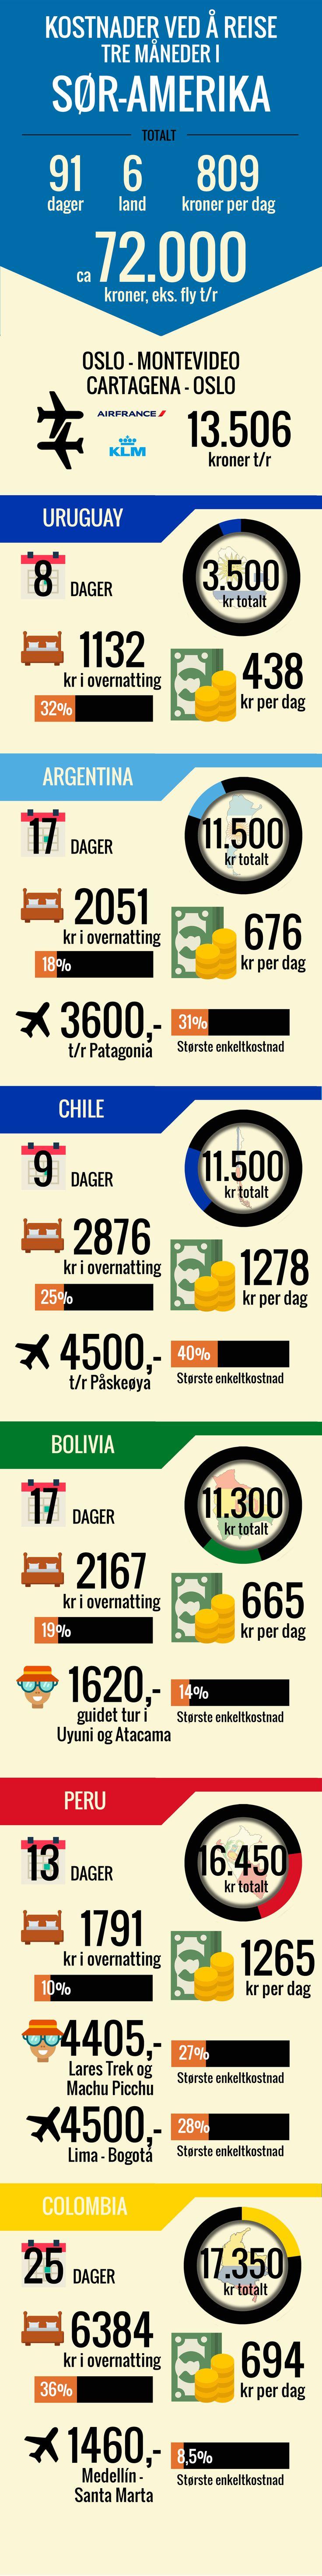 Så mye koster det å backpacke tre måneder i Sør-Amerika.